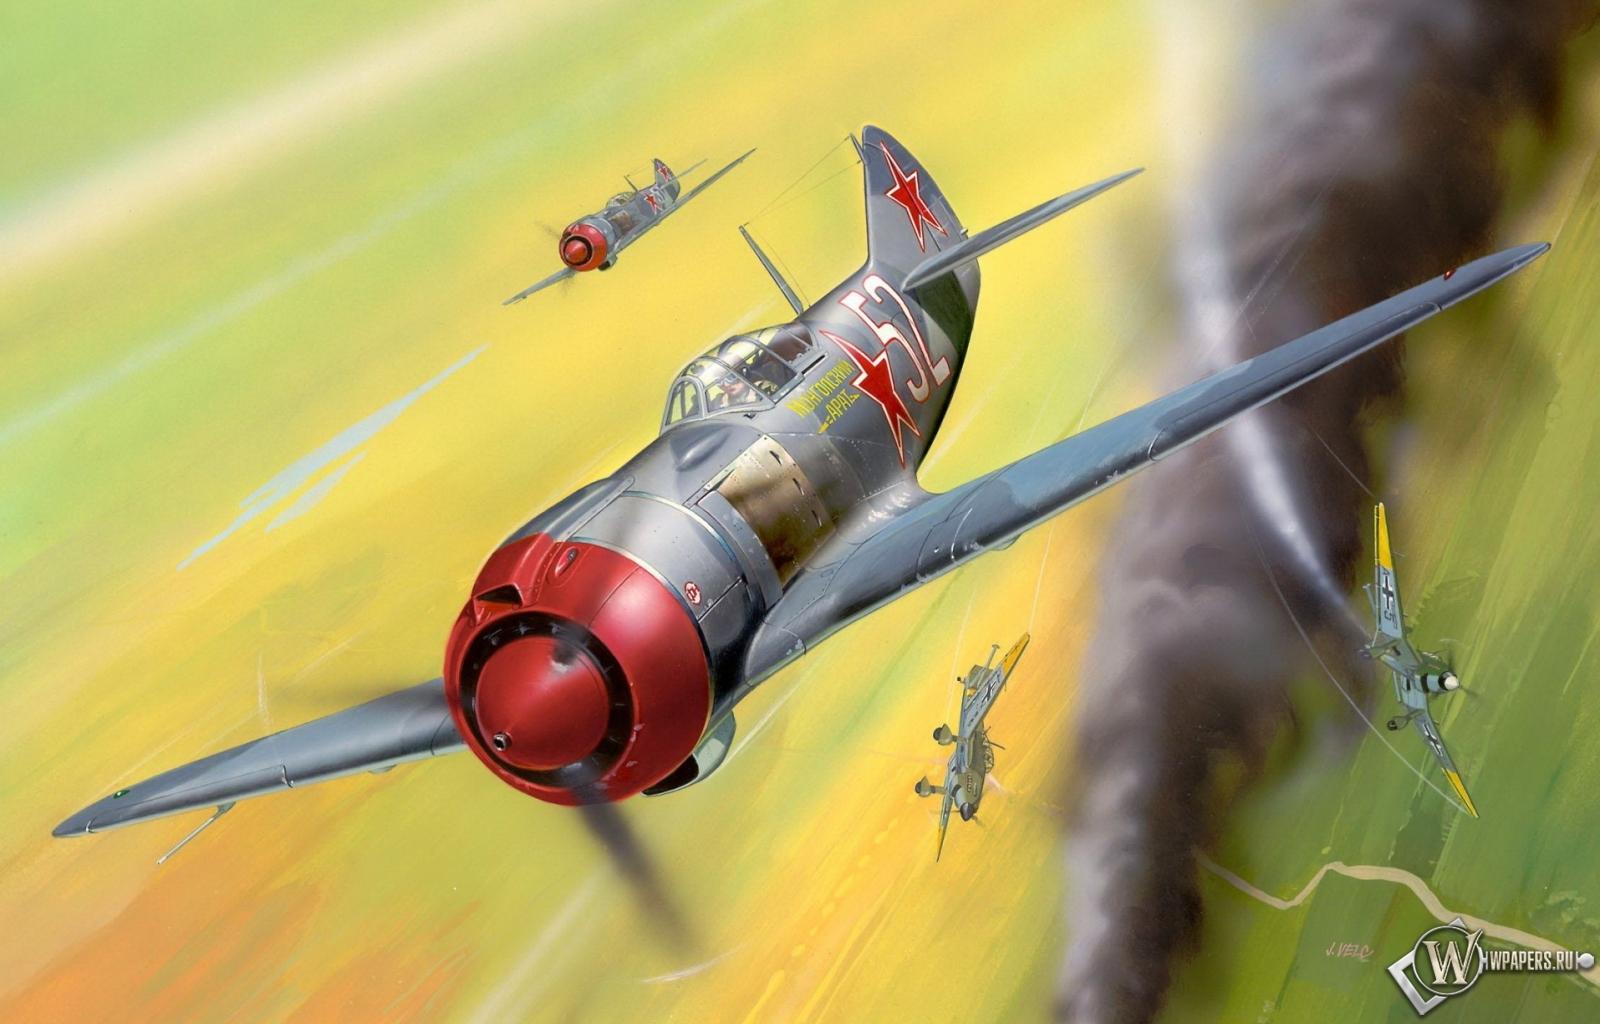 Скачать обои Истребитель Лавочкин Ла-5 (Истребитель, La-5) для ...